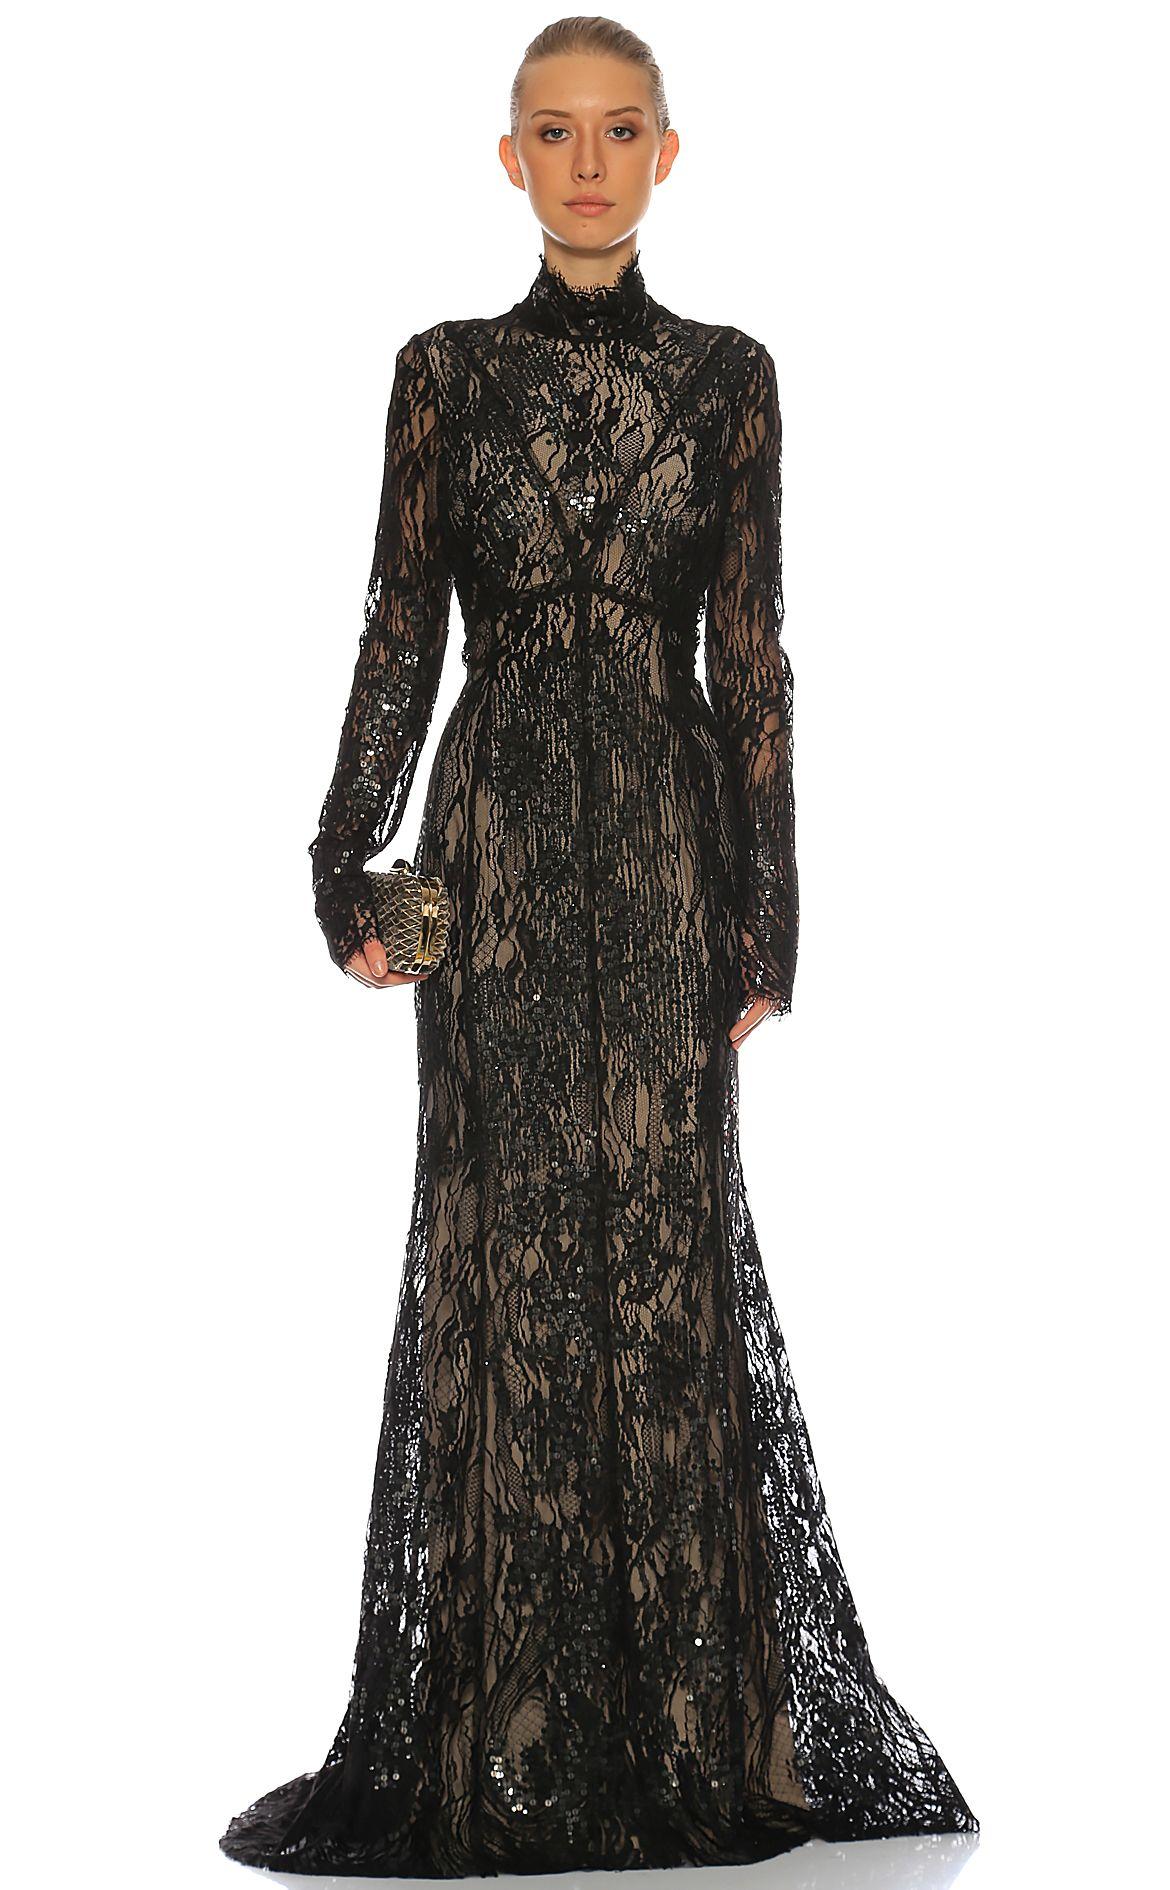 J Mendel J Mendel Gece Elbisesi Siyah Dantel Transparan Ve Zarif Elegant Davet Elbise Kadin Giyim Giyim Moda